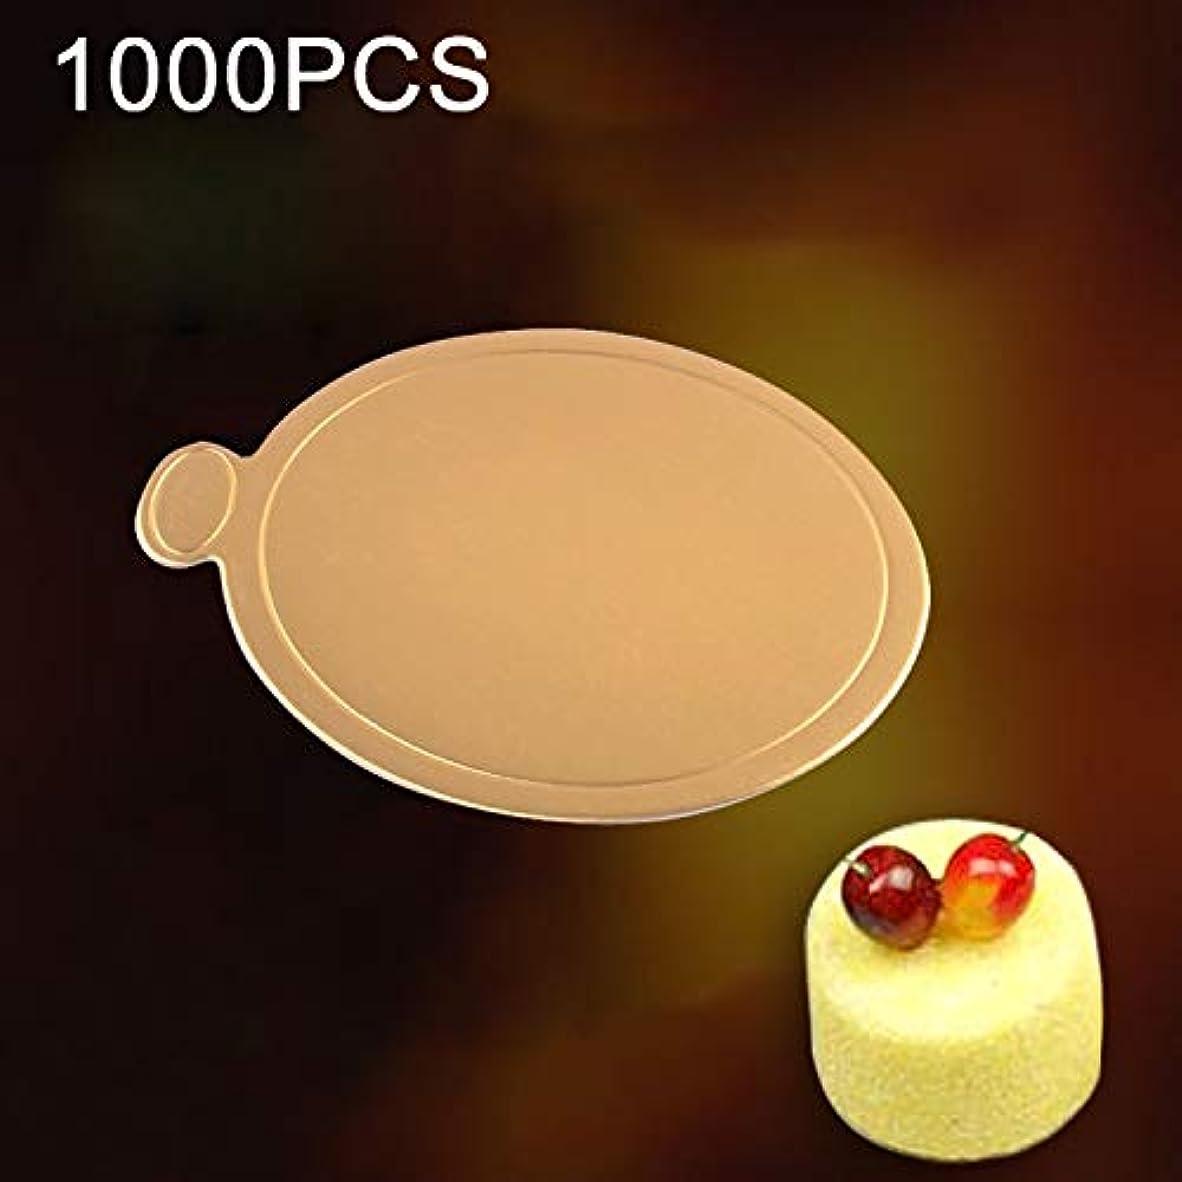 法王つまずく旋律的WTYD キッチン家電 1000ピース小さなラウンドケーキボール紙パッド厚く堅いゴールデンケーキムースケーキマット キッチン用